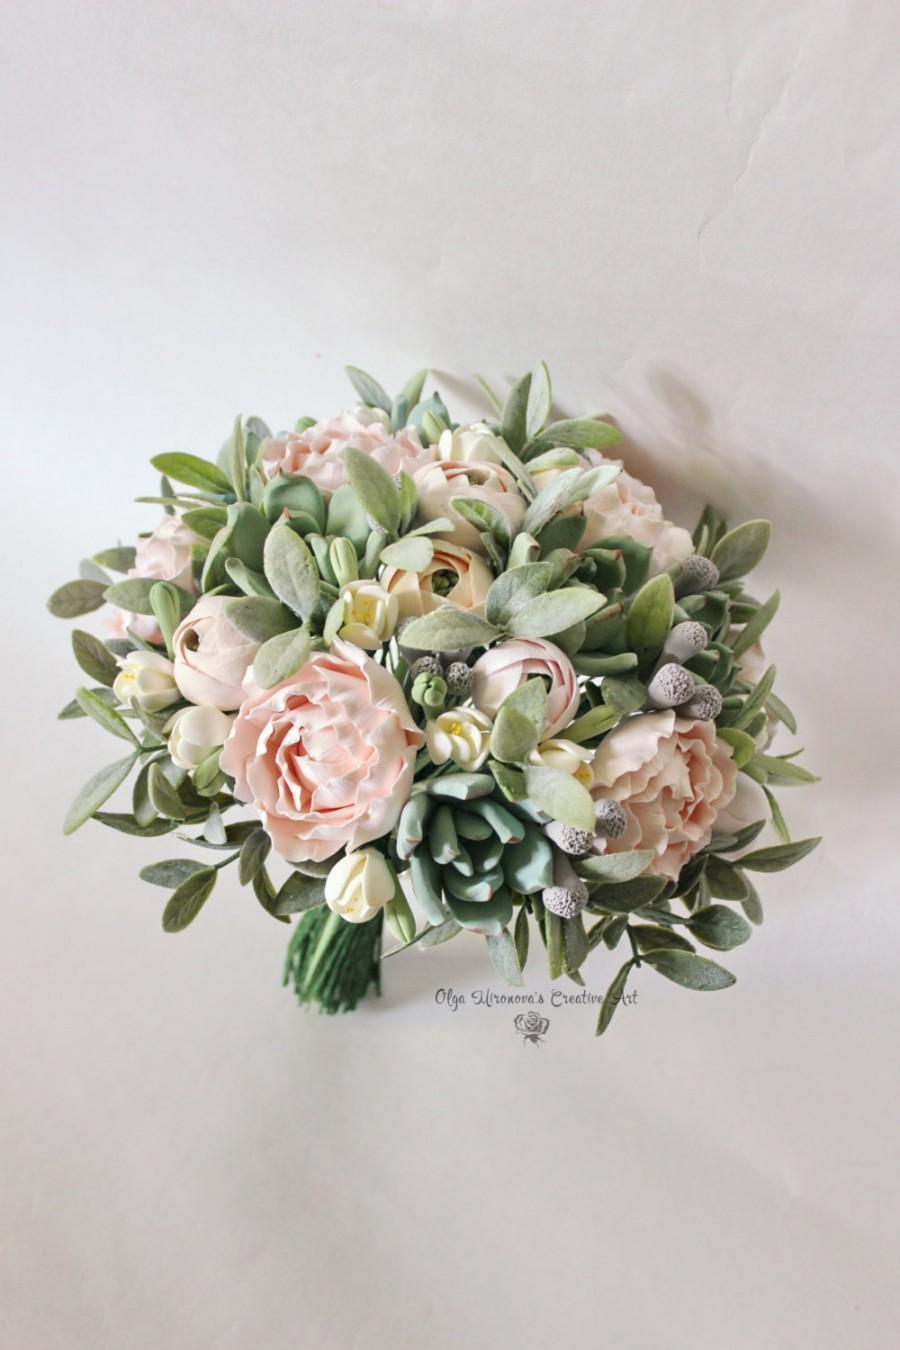 Свадьба - Alternative wedding bouquet Keepsake succulent bouquet Bohobouquet Bridal bouquet with succulents and peonies Blush pink clay bouquet